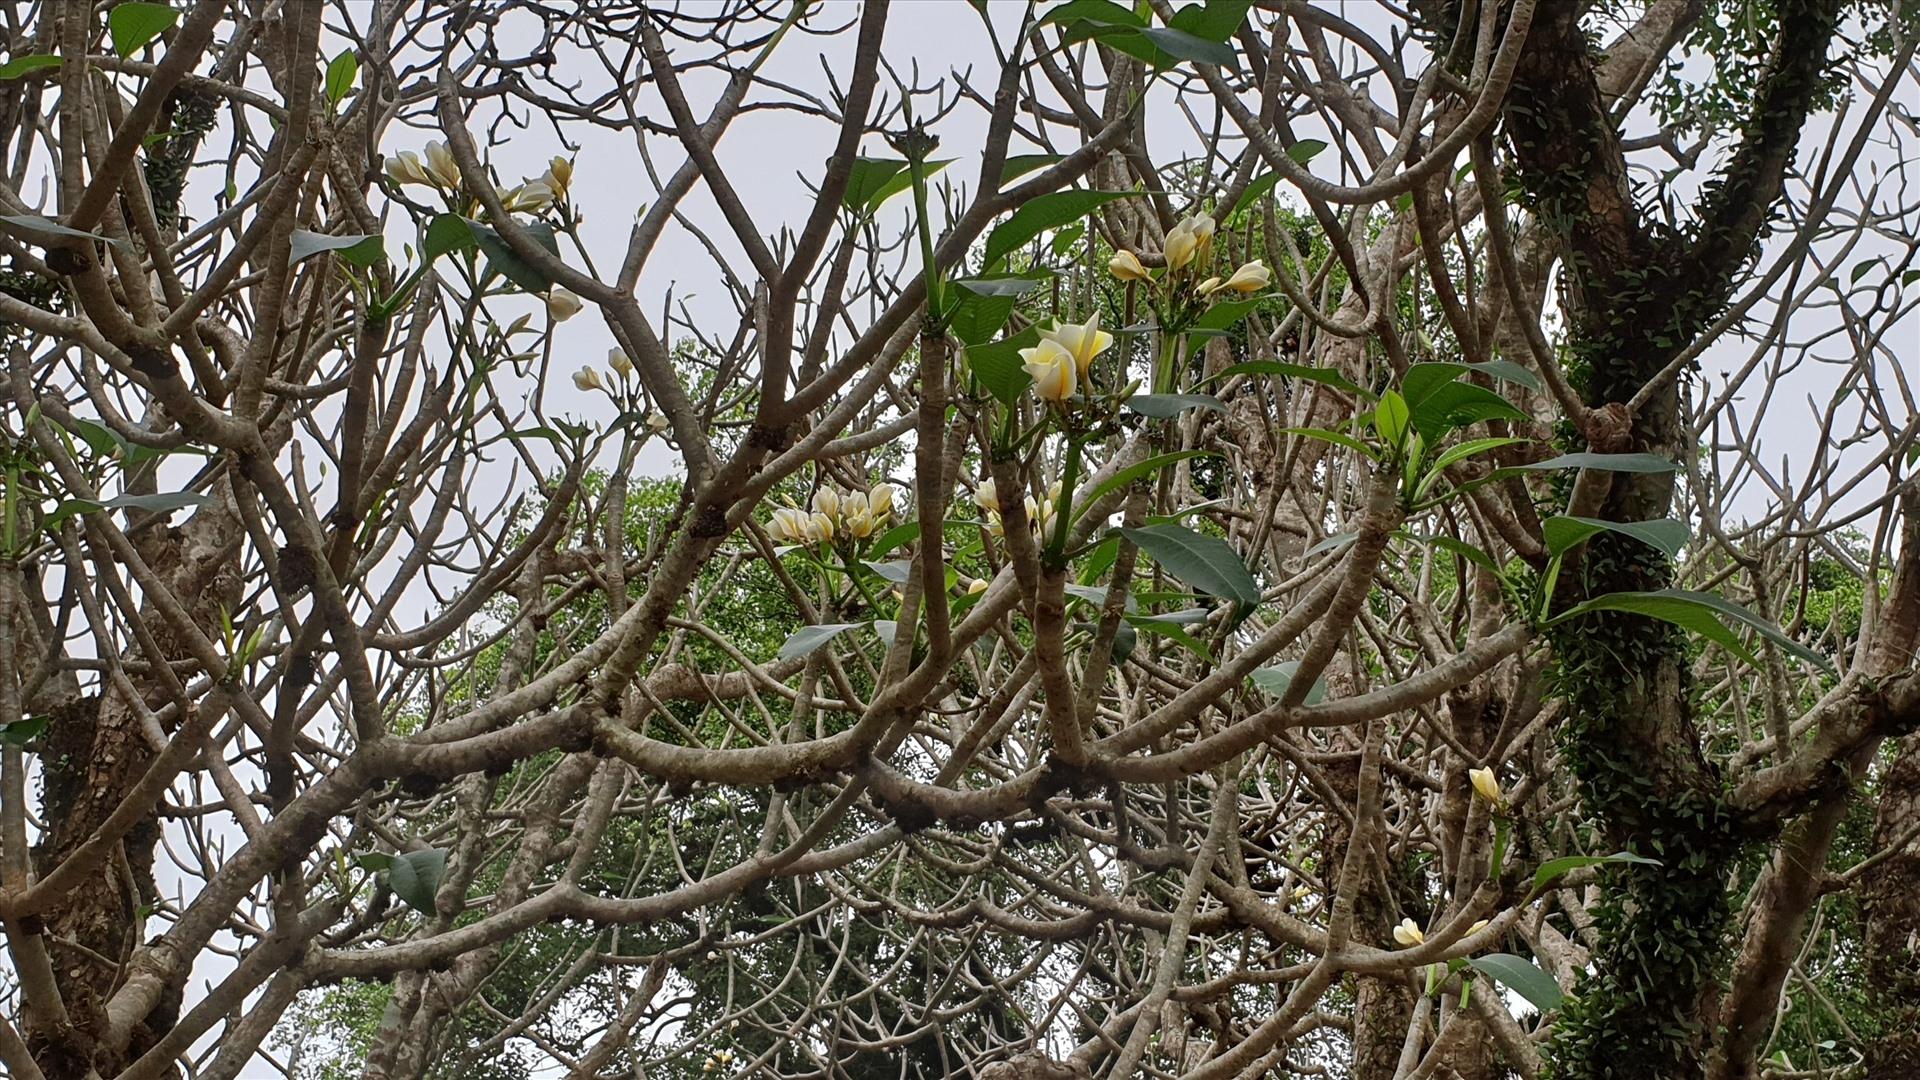 chiem nguong biet thu phap co tran ngap hoa dai xung quanh